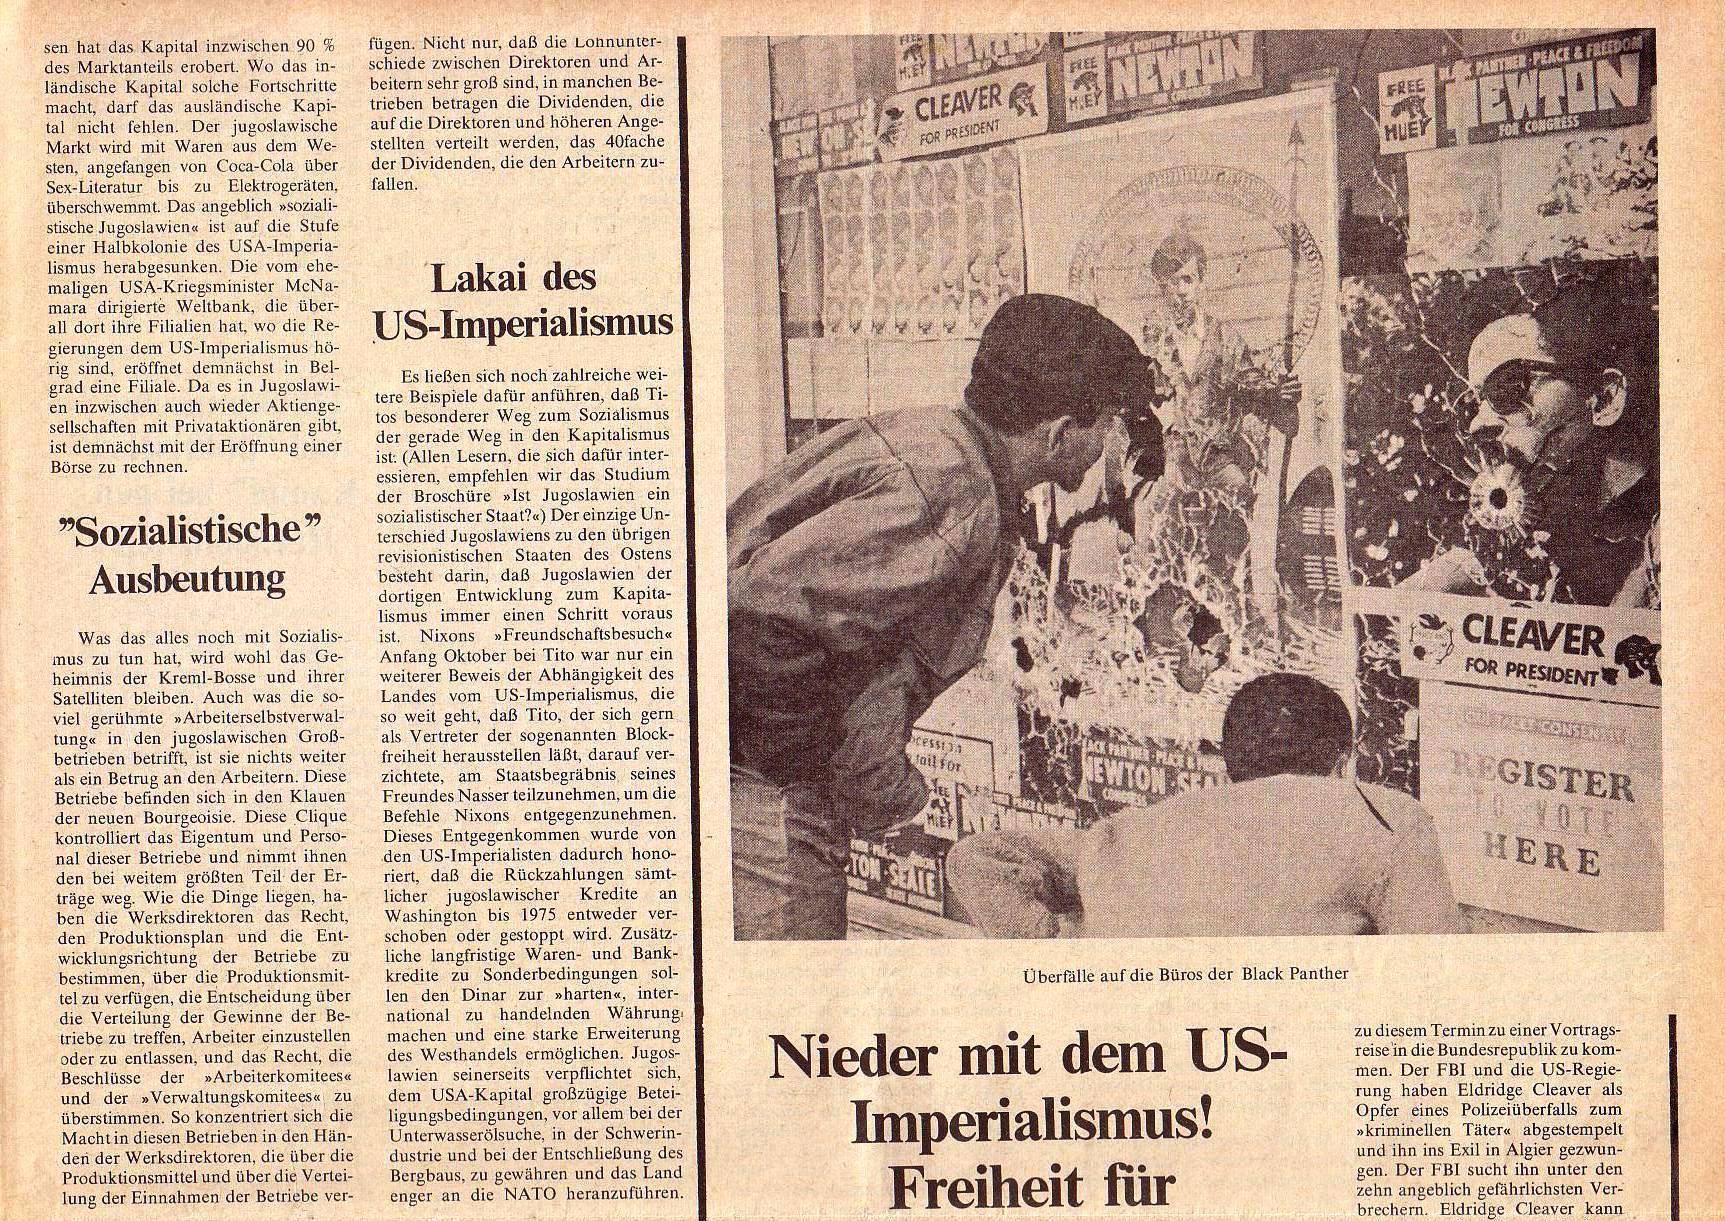 Roter Morgen, 4. Jg., Oktober 1970, Nr. 9, Seite 5a